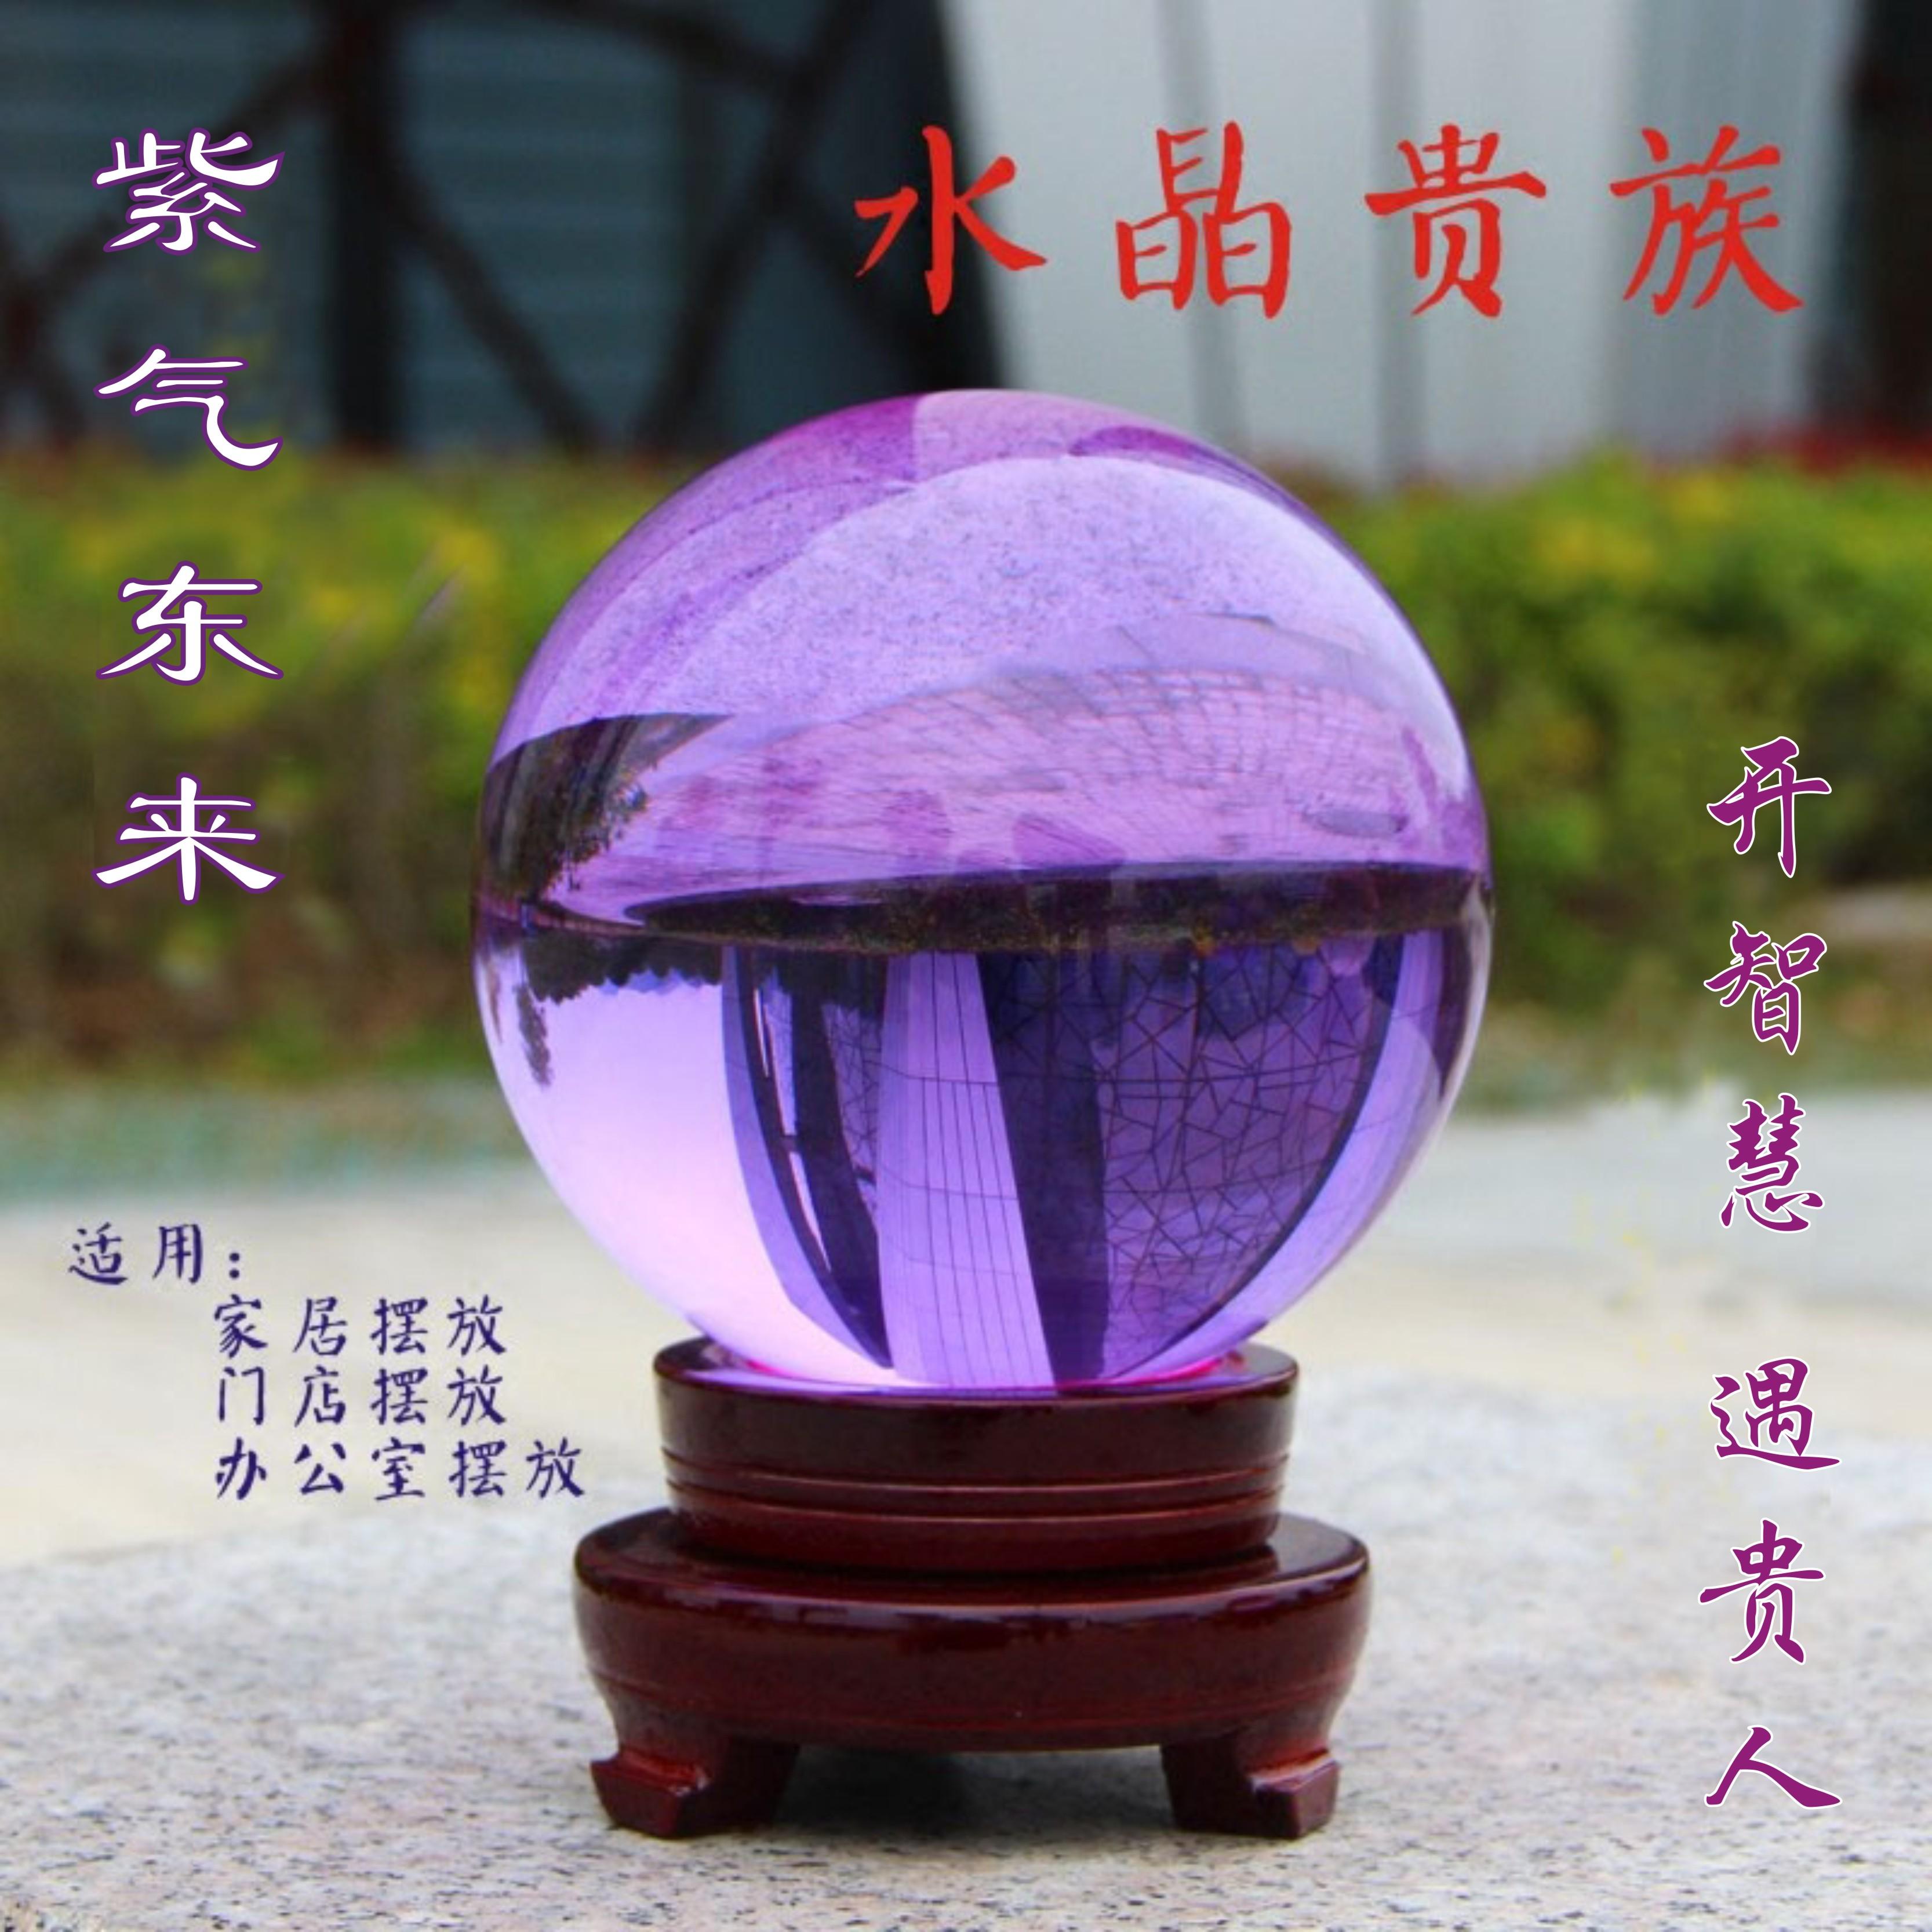 正品开光招财旺运紫色水晶球摆件镇宅风水球客厅酒柜办公室桌家居